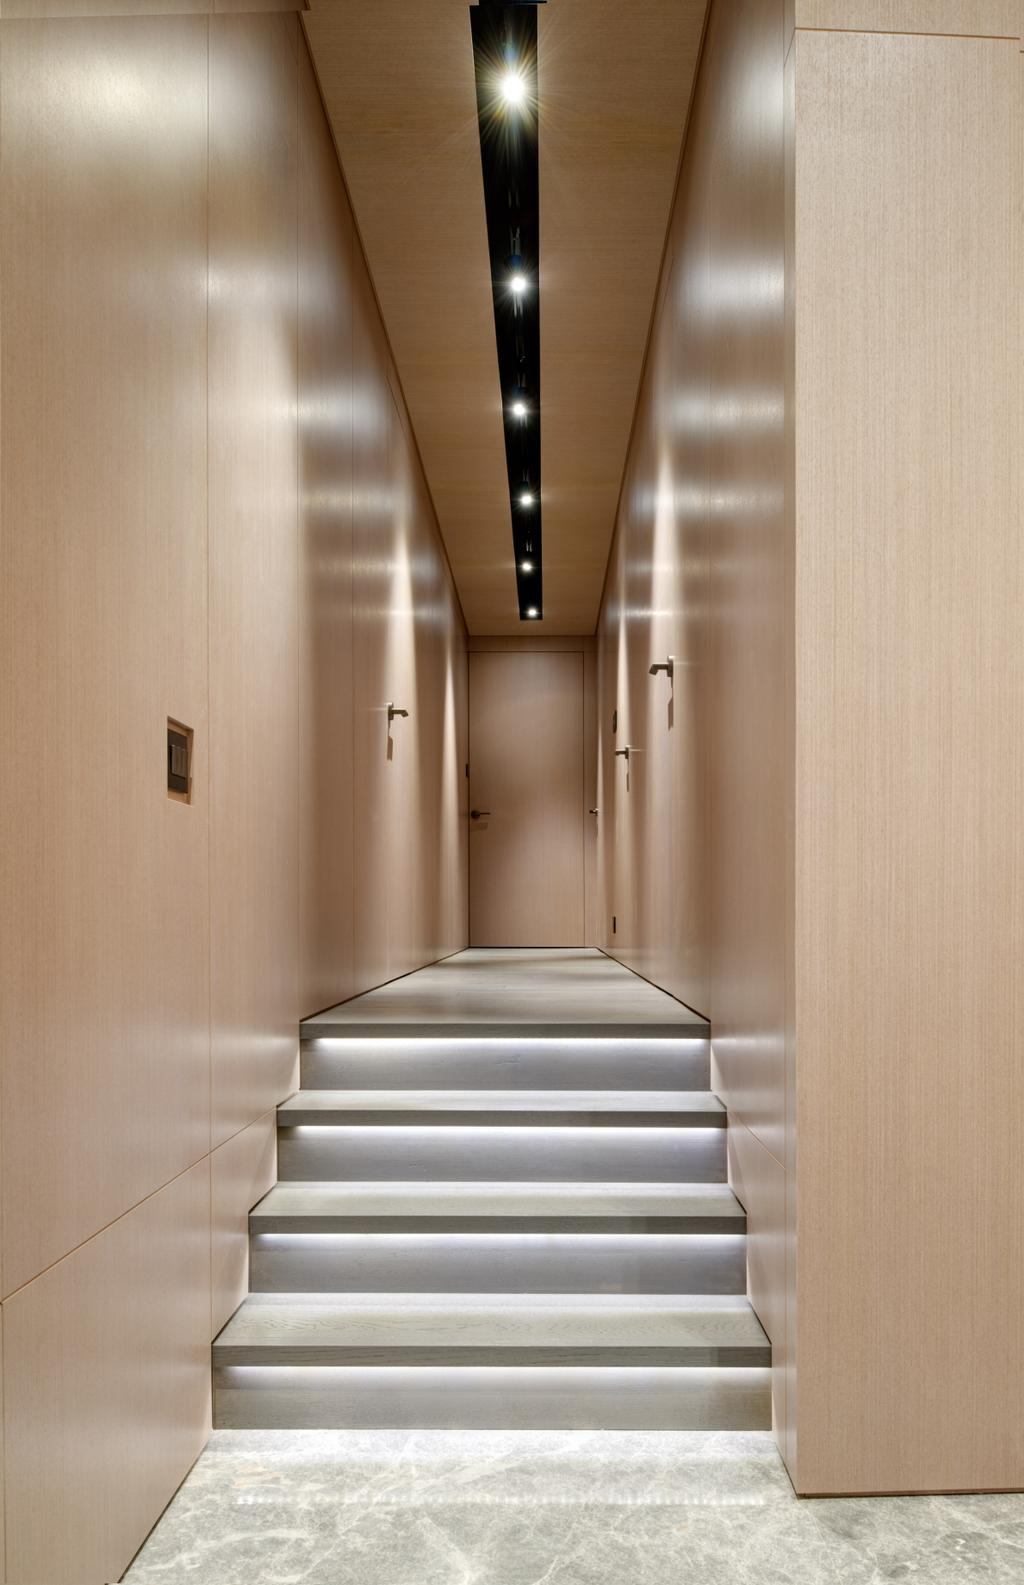 摩登, 私家樓, 客廳, 名家匯, 室內設計師, in Him's Interior Design, 過渡時期, Banister, Handrail, Staircase